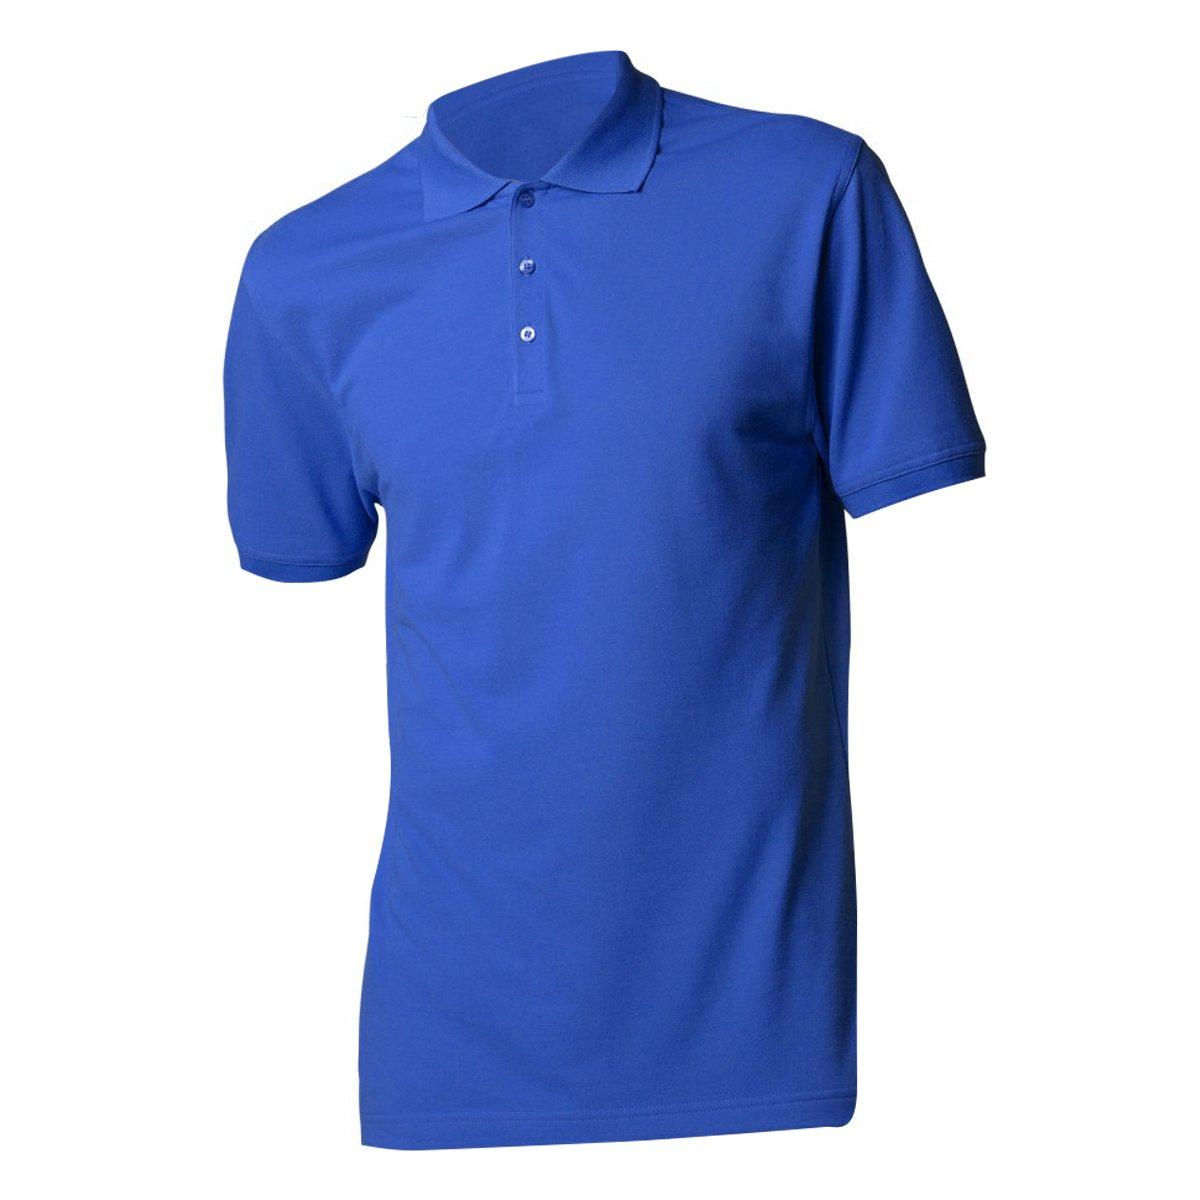 KUSTOM KIT Mens Slim Fit Short Sleeve Polo Shirt